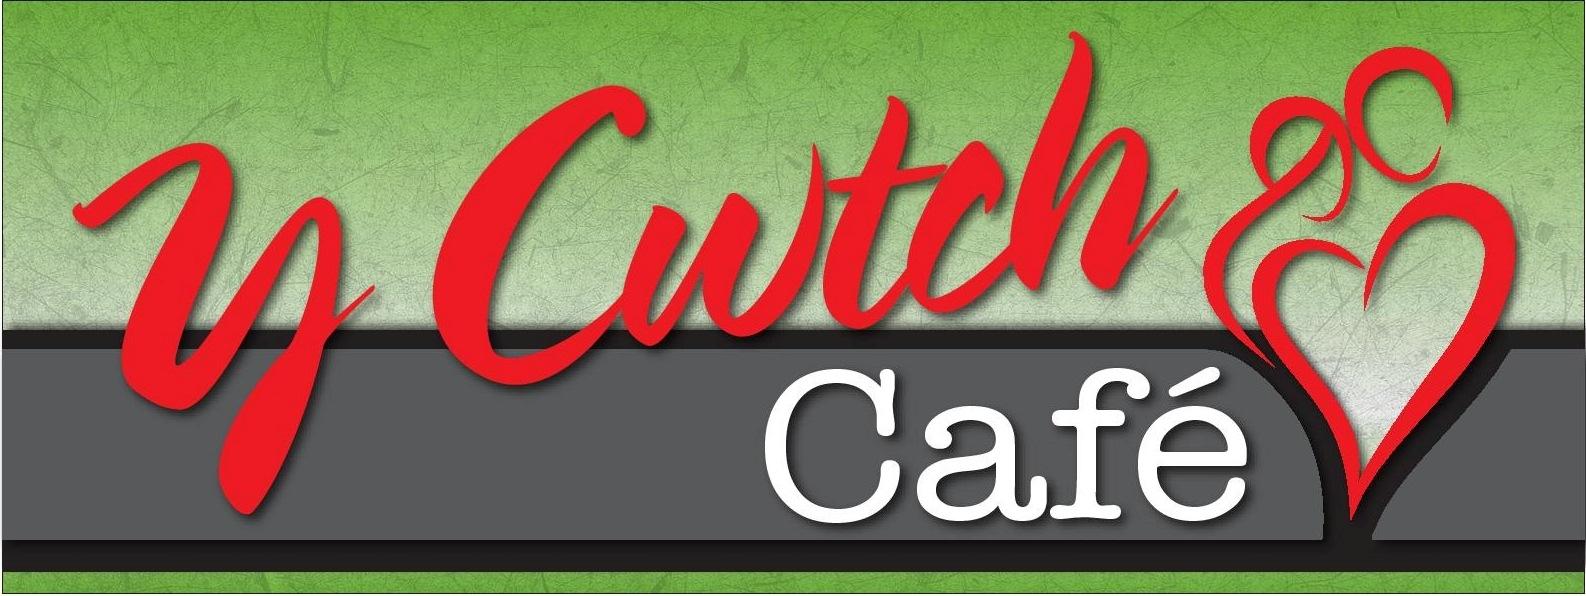 cwtch logo1